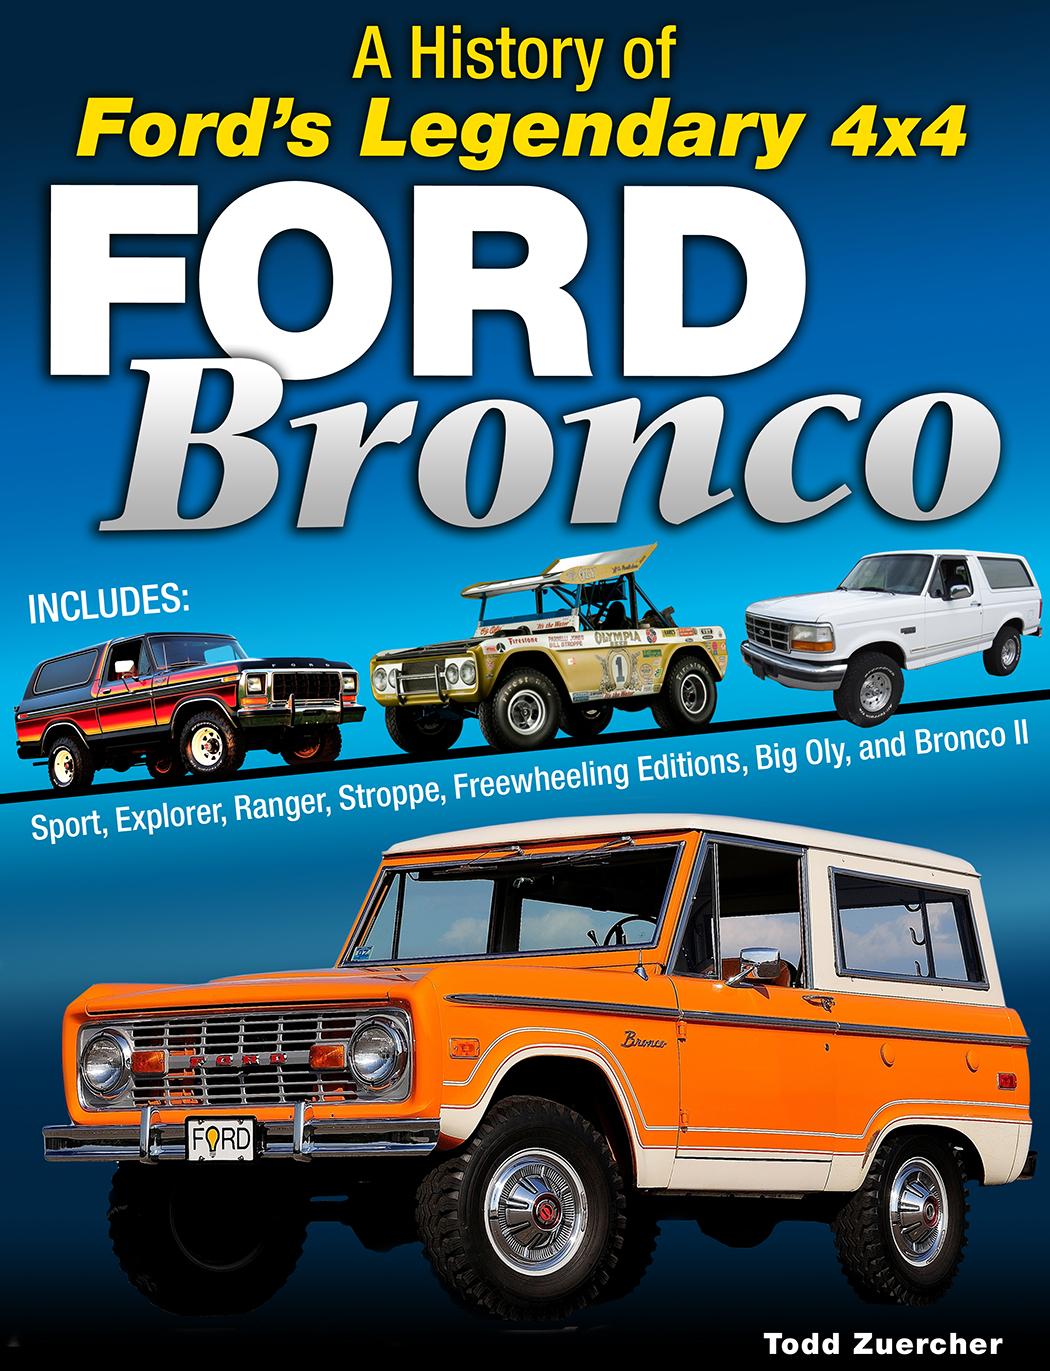 1989 Ford F150 Parts : parts, Parts, Catalogs, Truck, Bronco, Ranger, Automotive